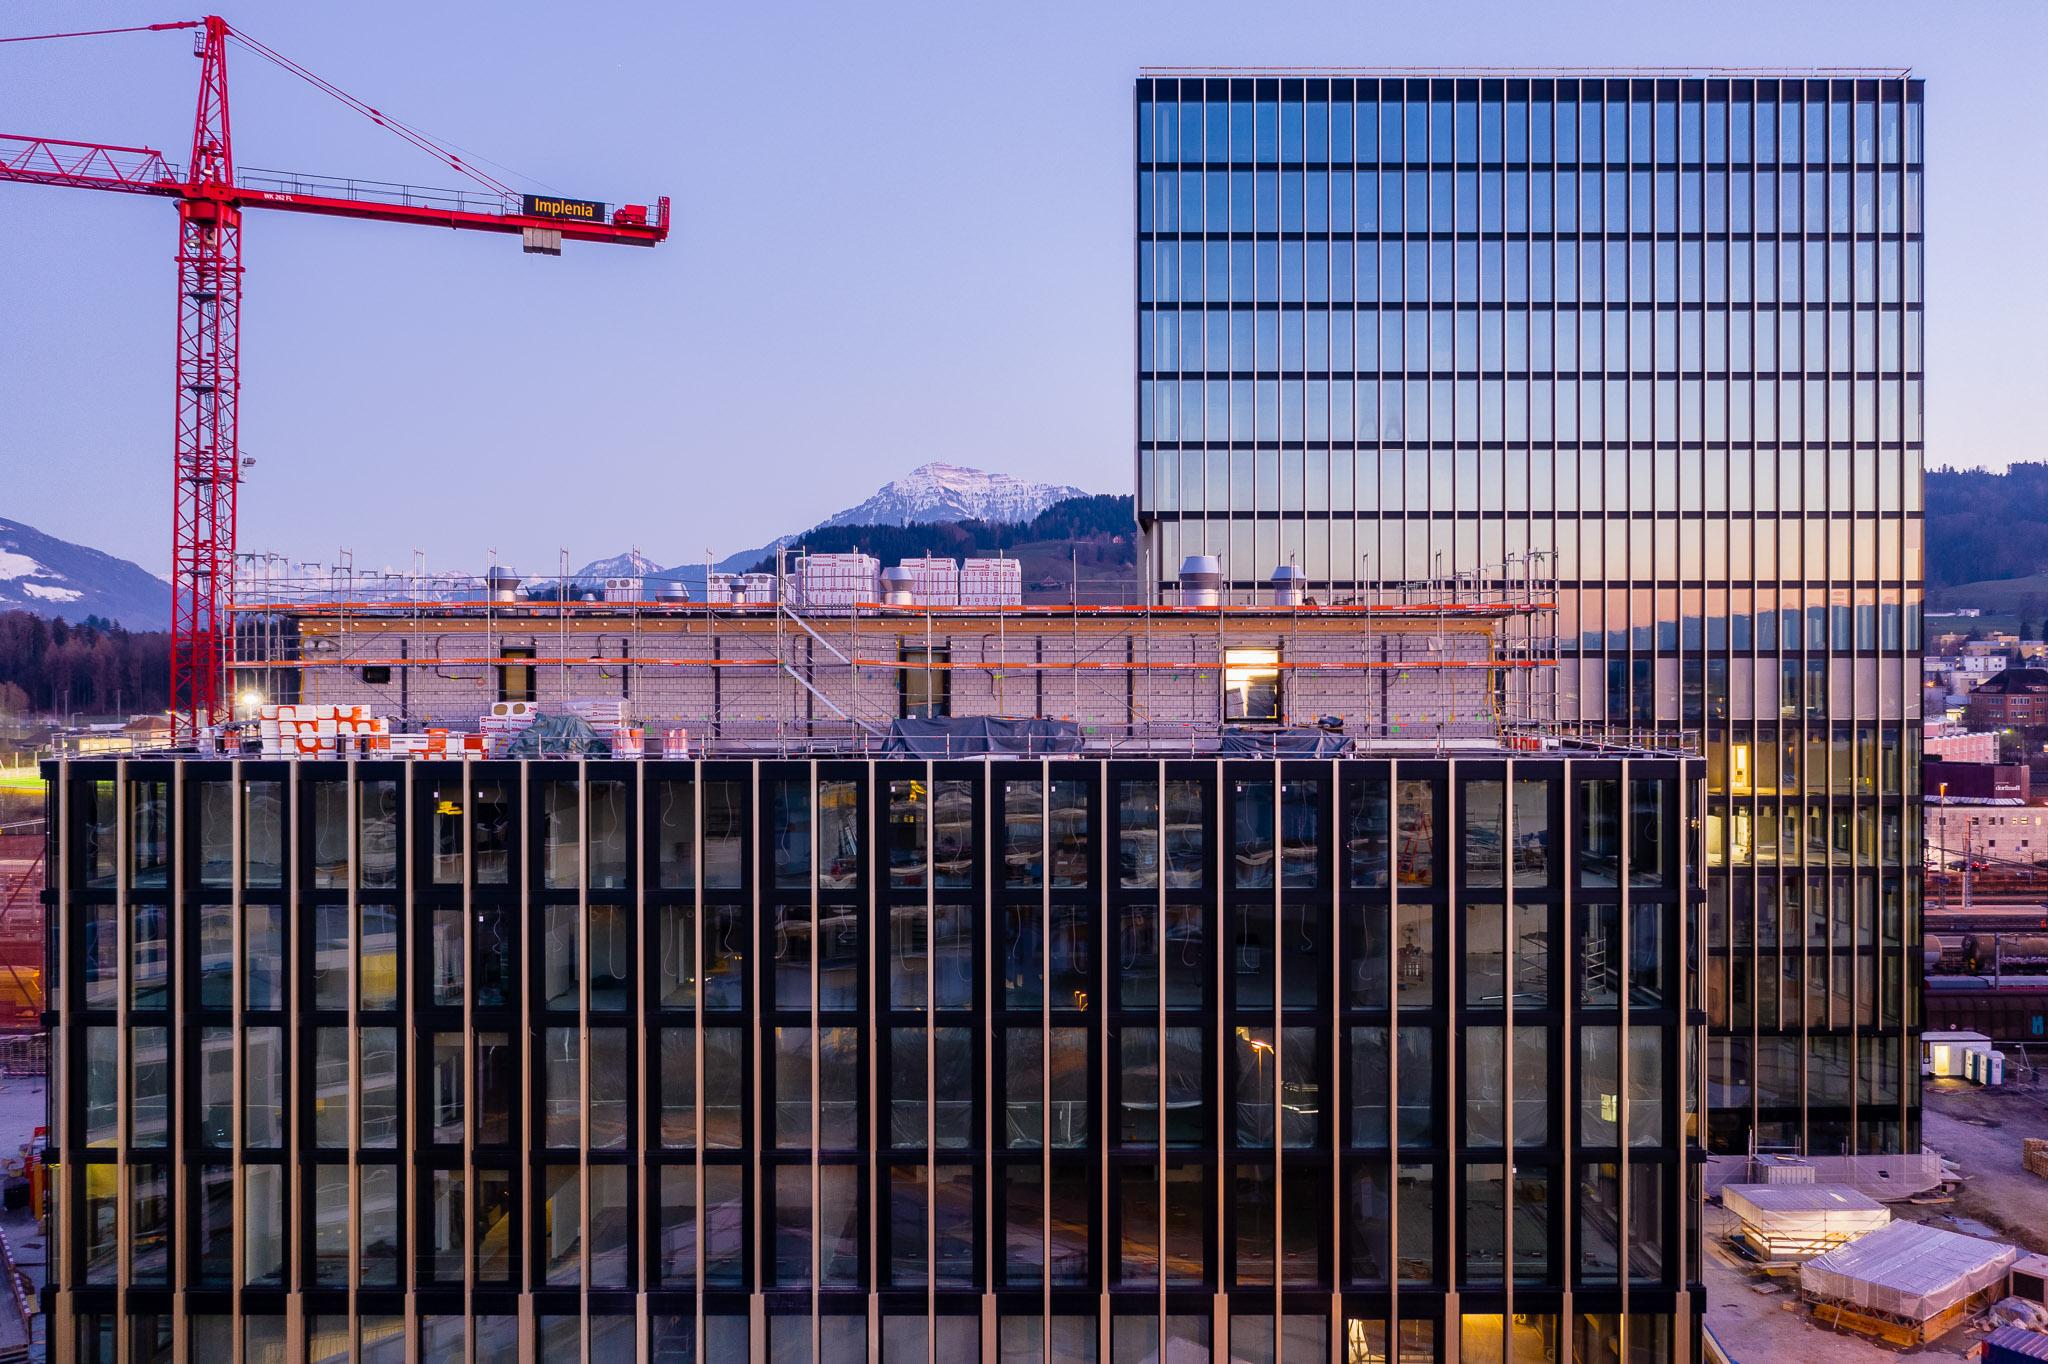 Suurstoffi: Campus der Hochschule Luzern in einer Luftaufnahme